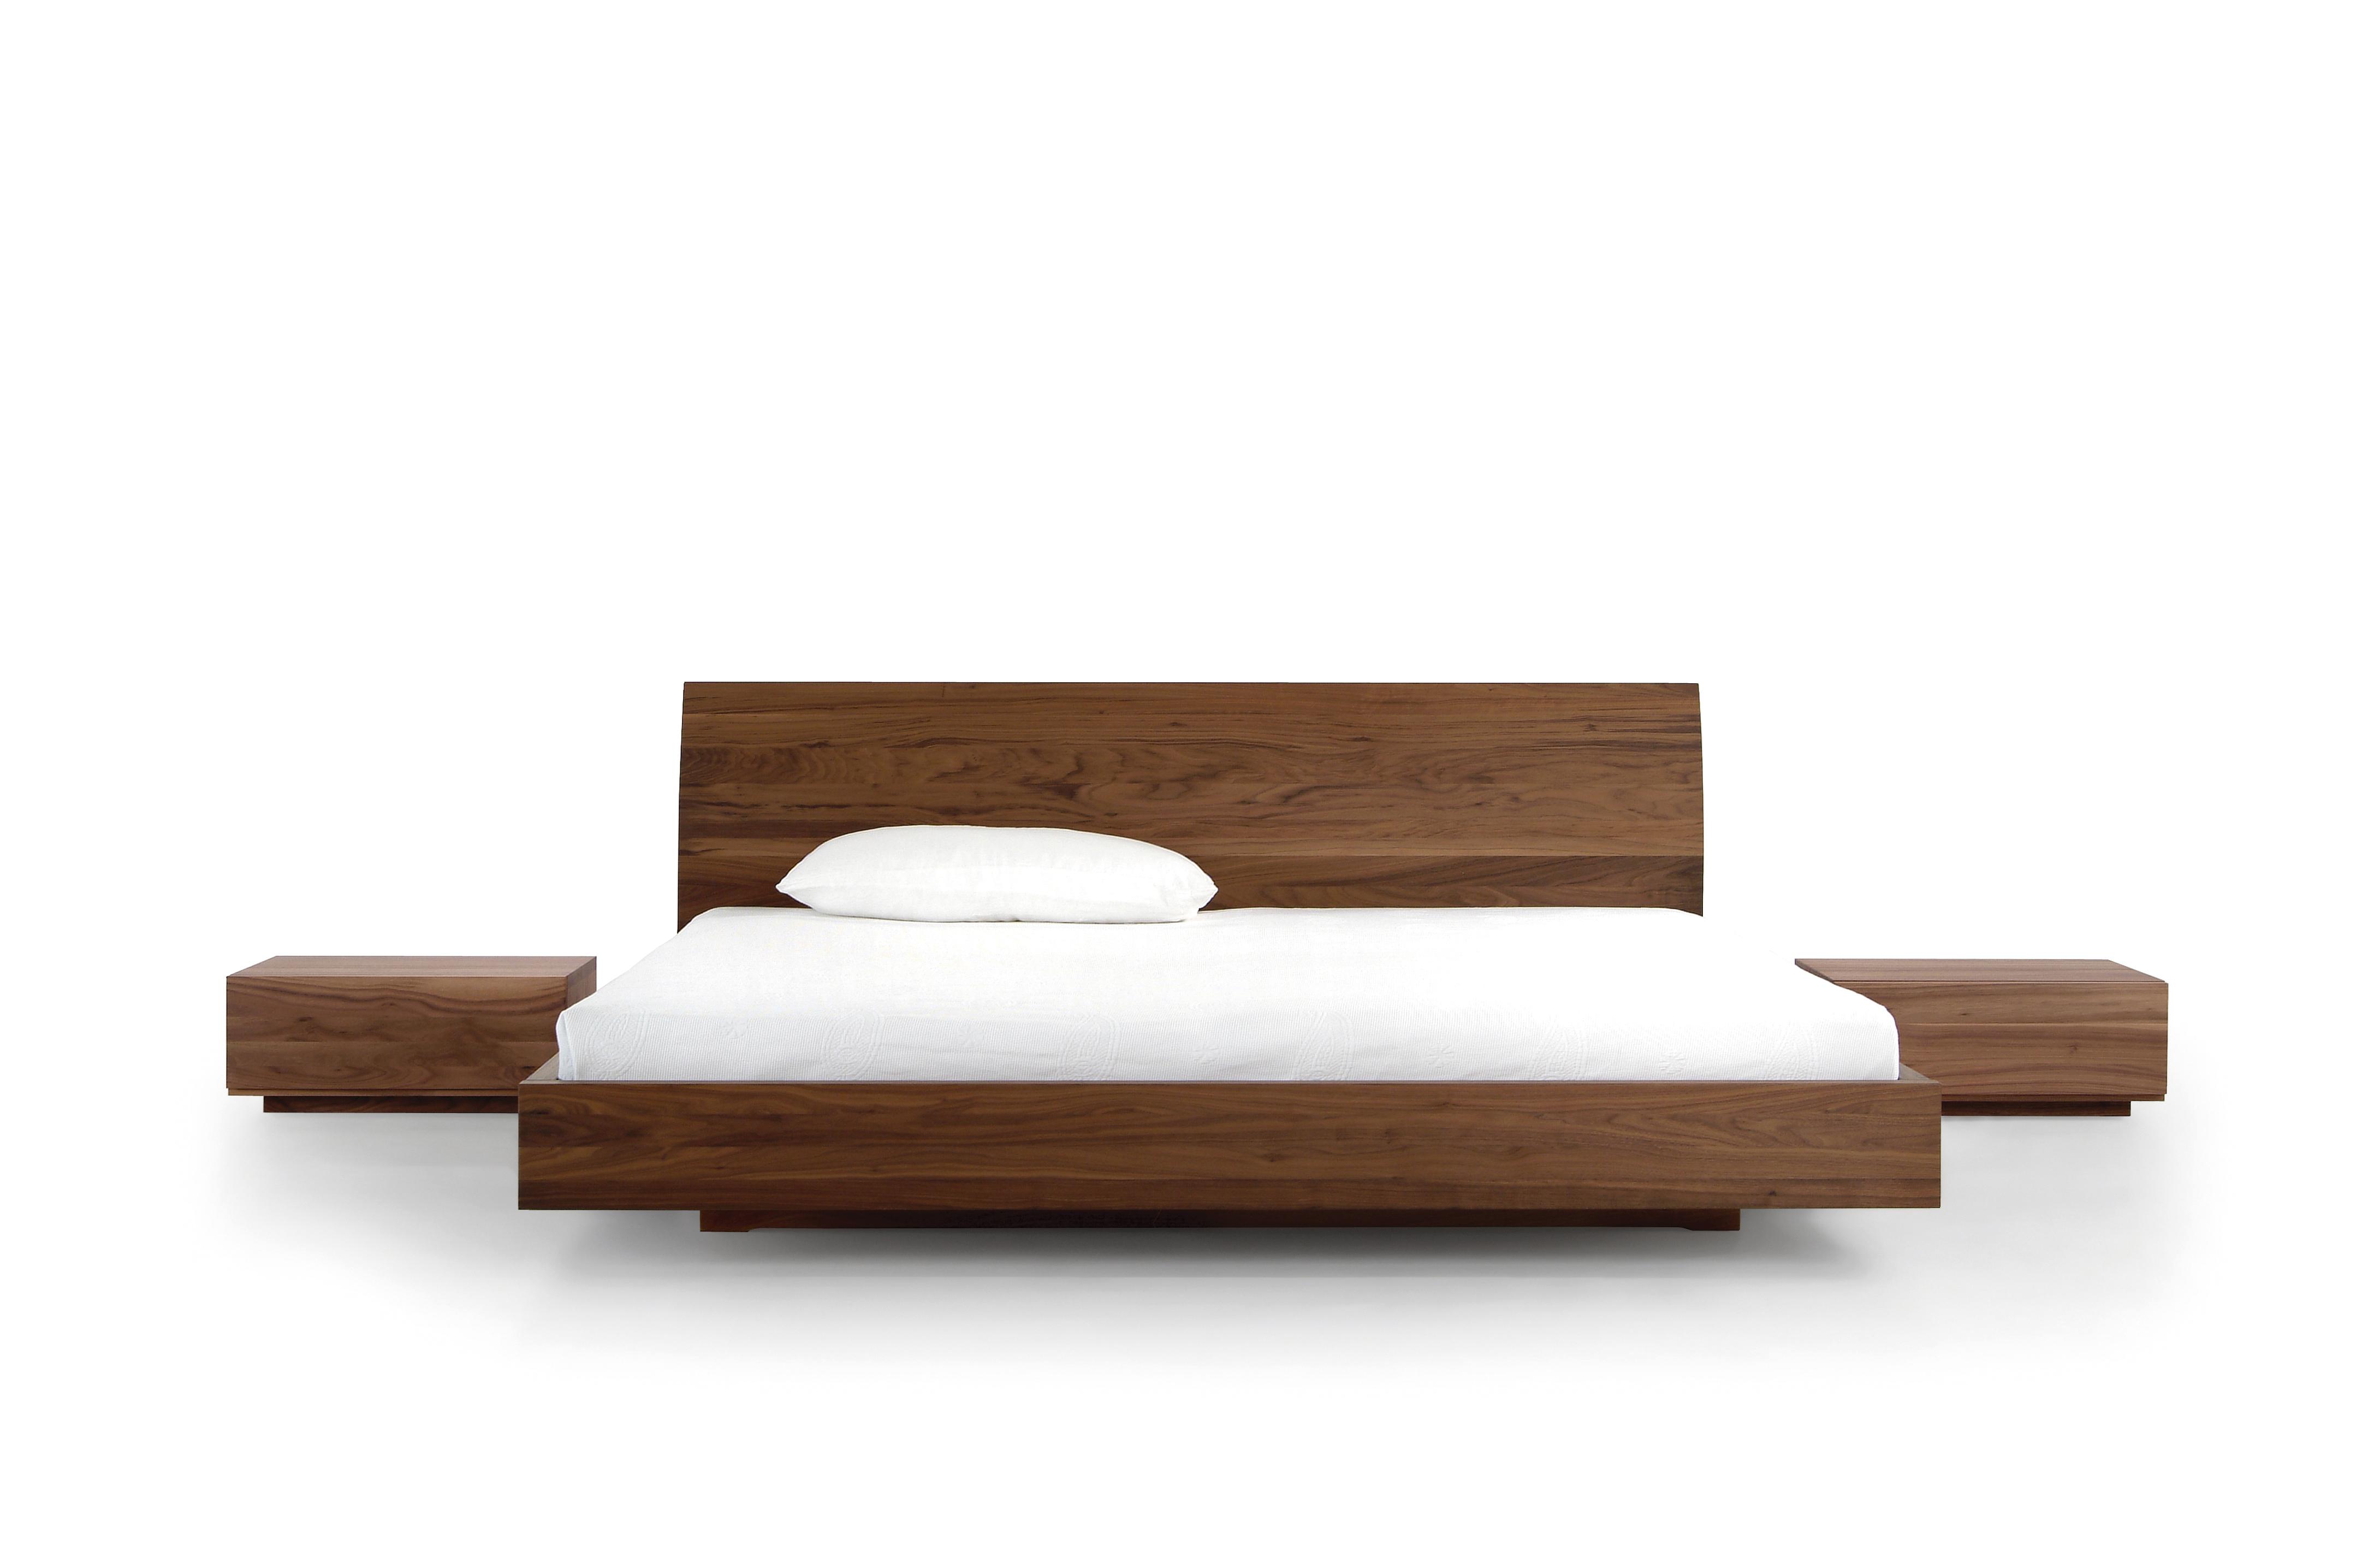 Komforthöhe Bett war perfekt ideen für ihr haus ideen